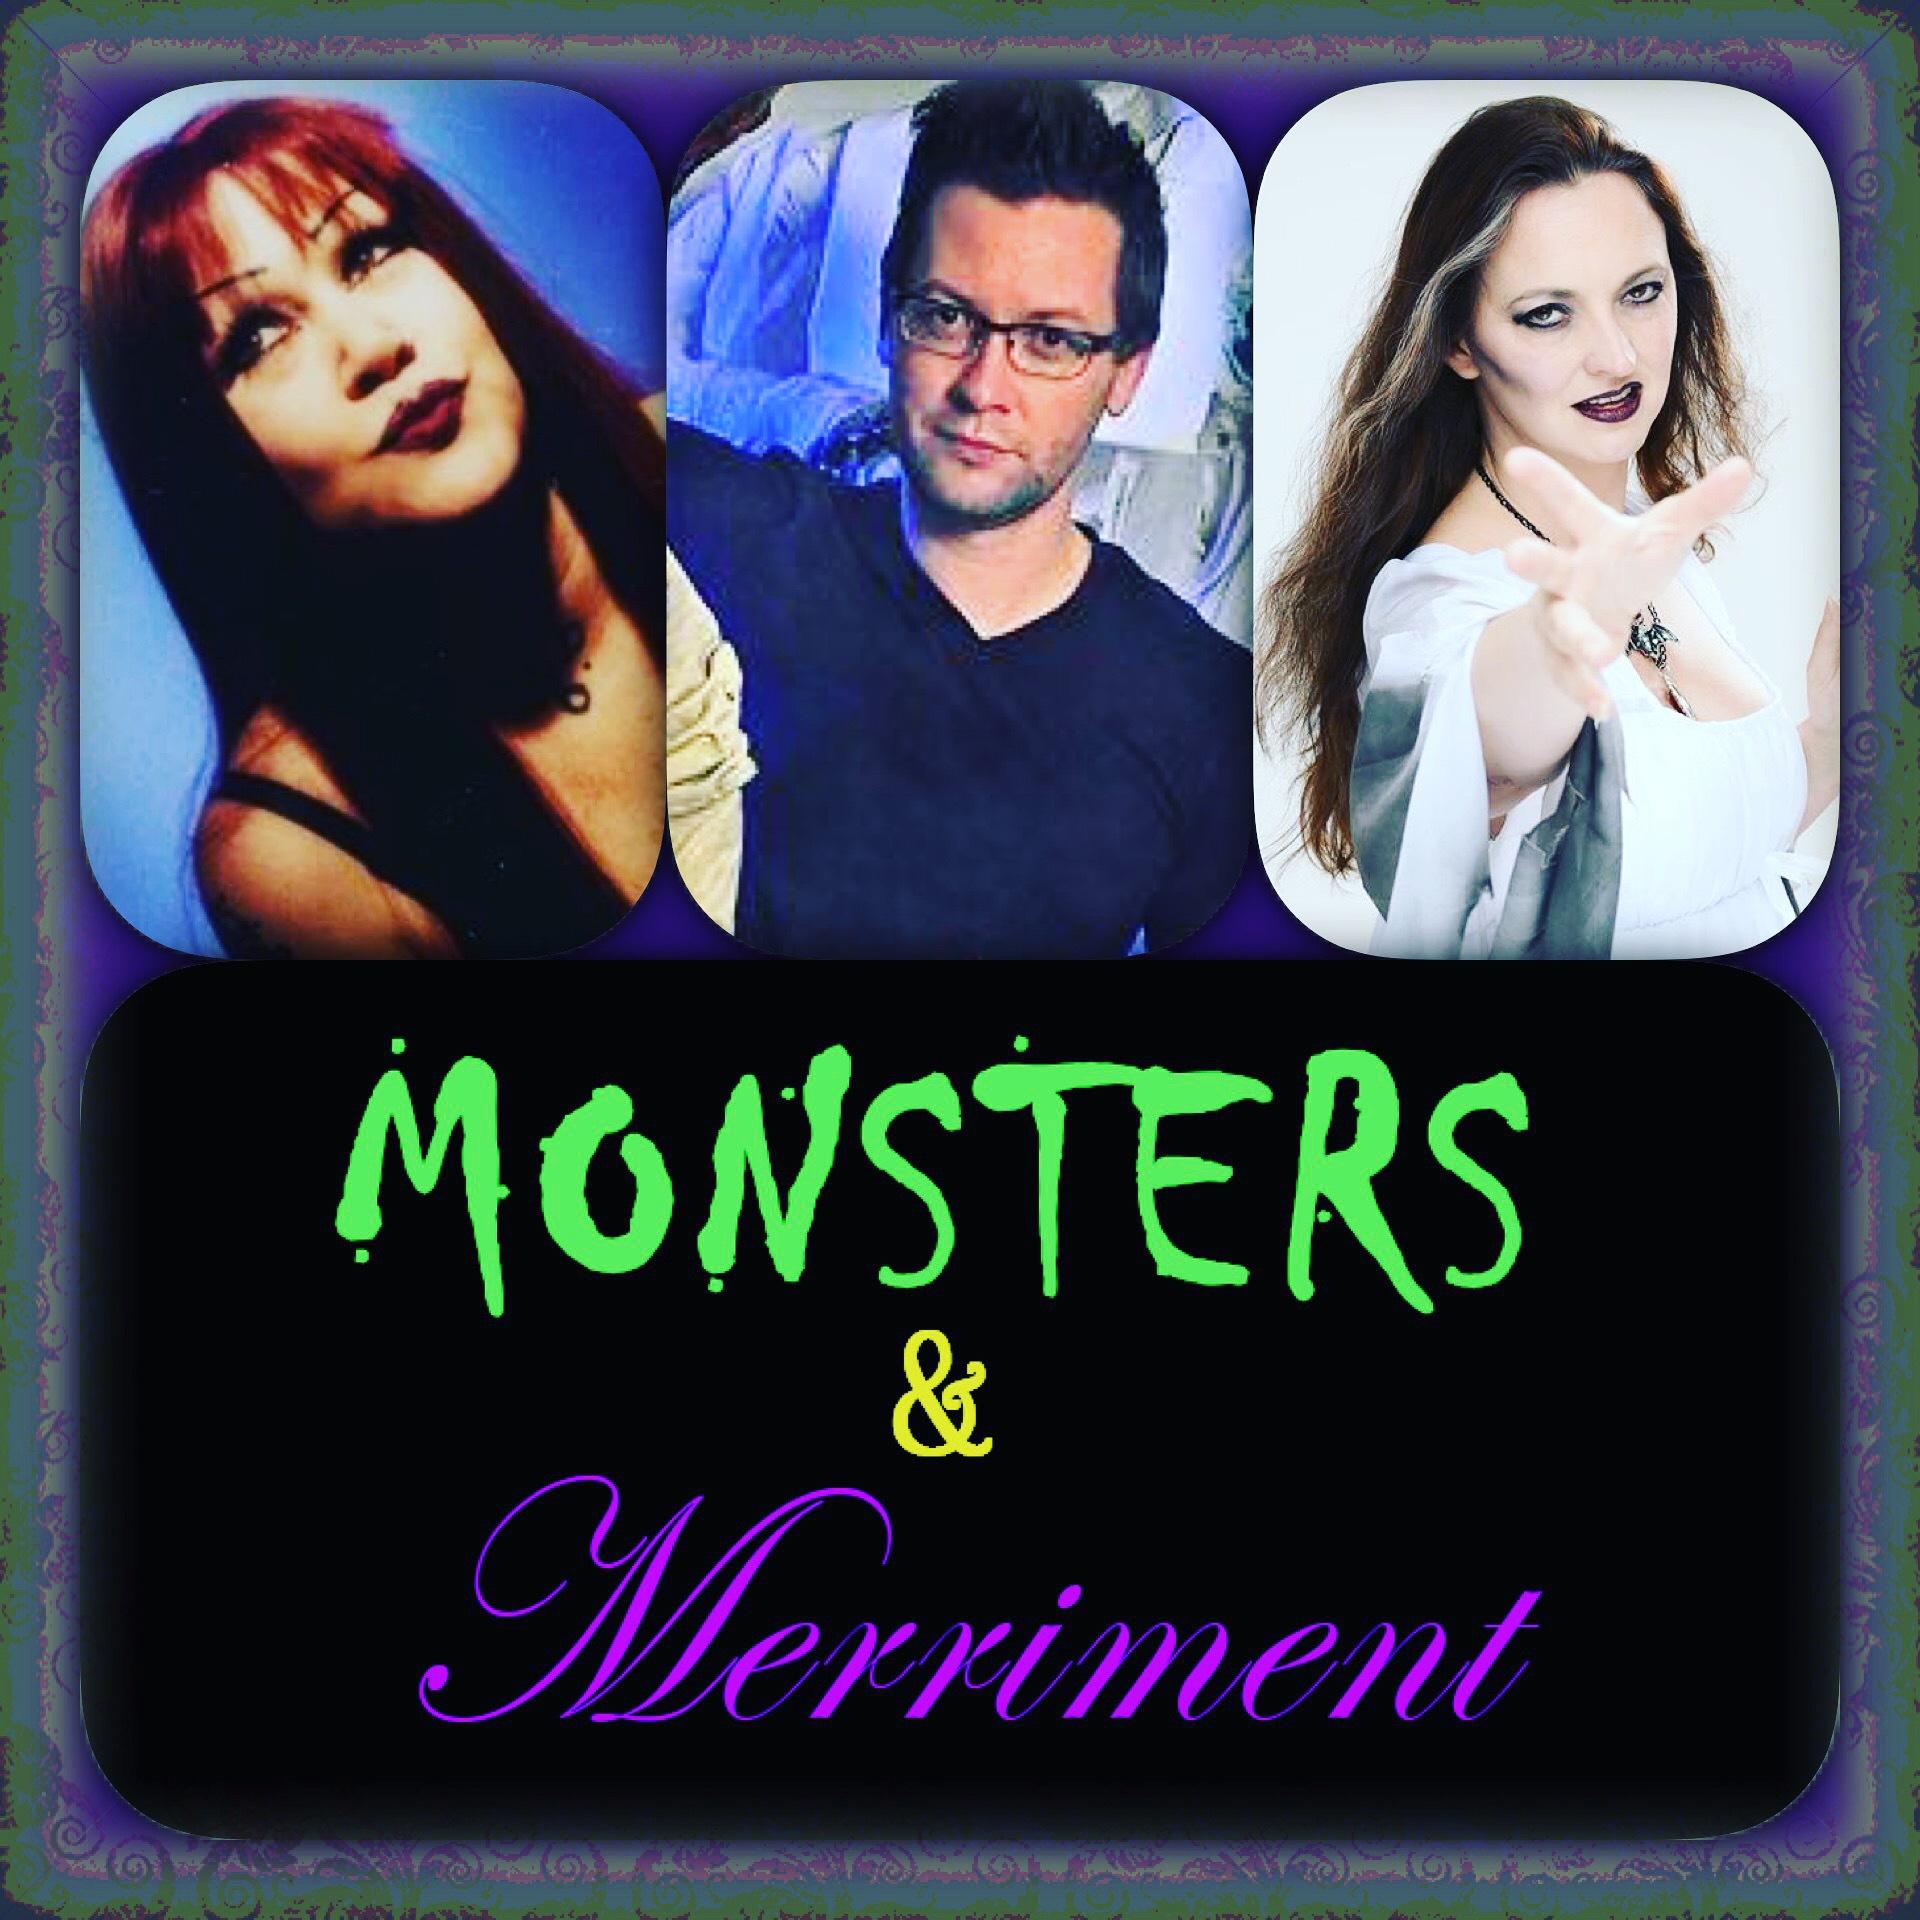 Monster's & Merriment Team